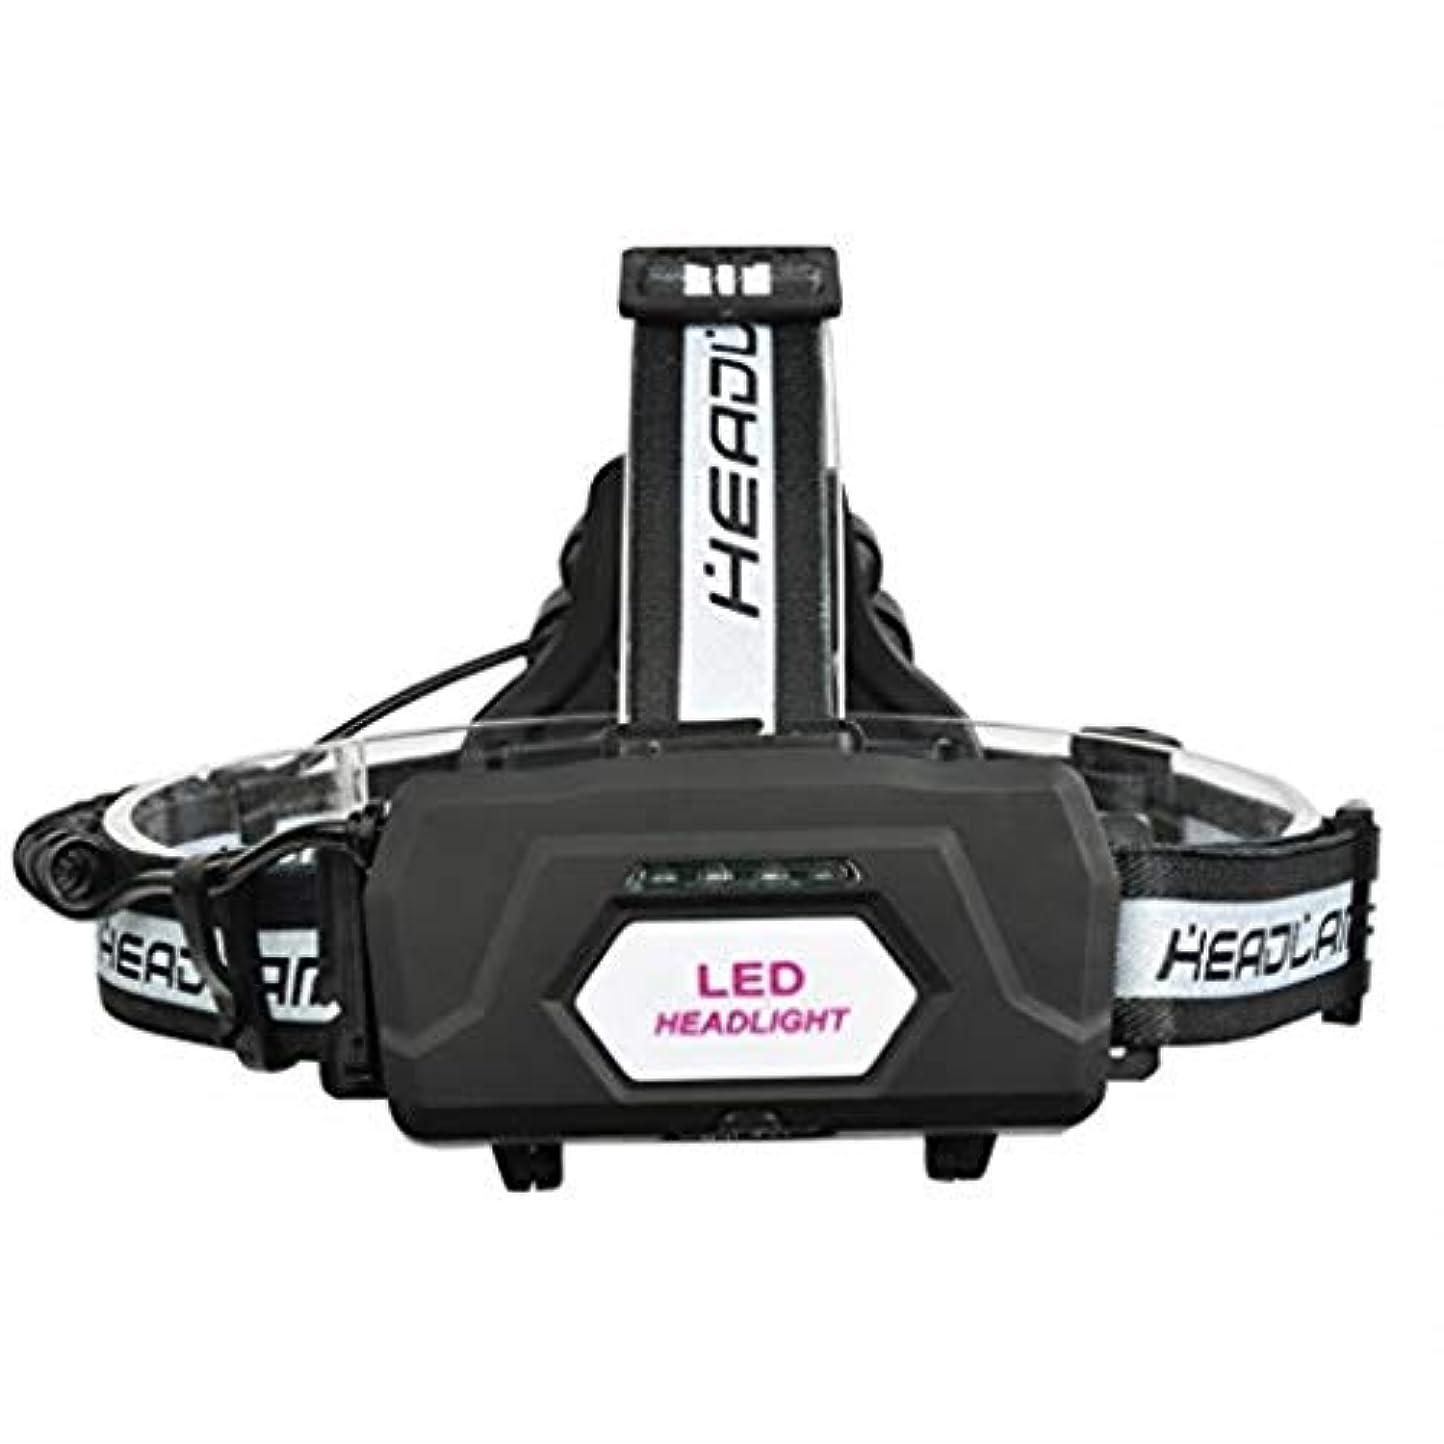 ニコチン何用語集ワークランプLED充電式ポータブルライトグレアサーチライト屋外多機能防水キャンプライト